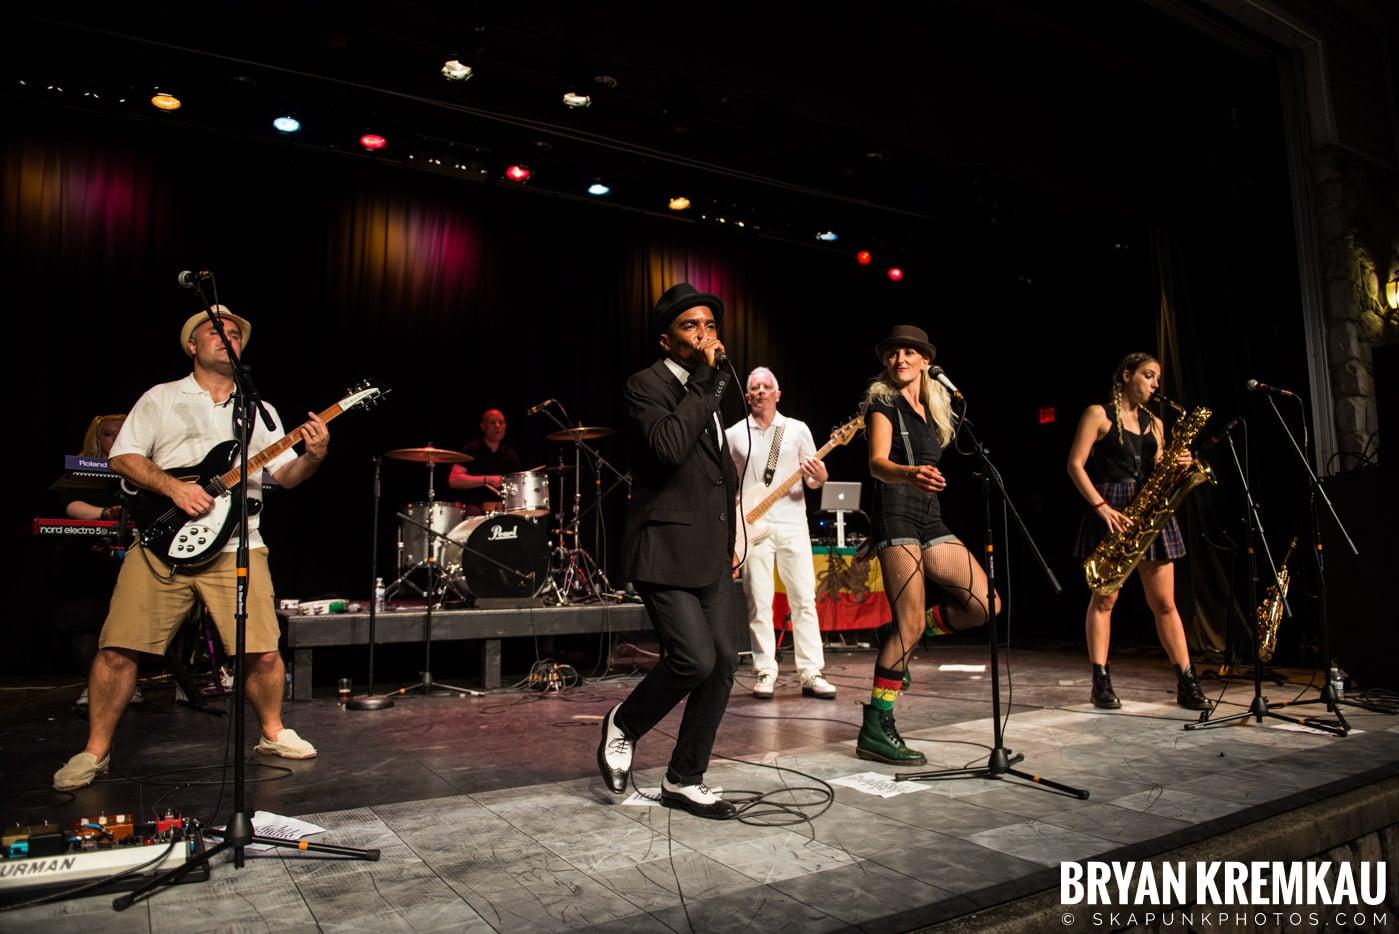 Rude Boy George @ Oskar Schindler Performing Arts Center, West Orange, NJ - 8.19.17 (9)